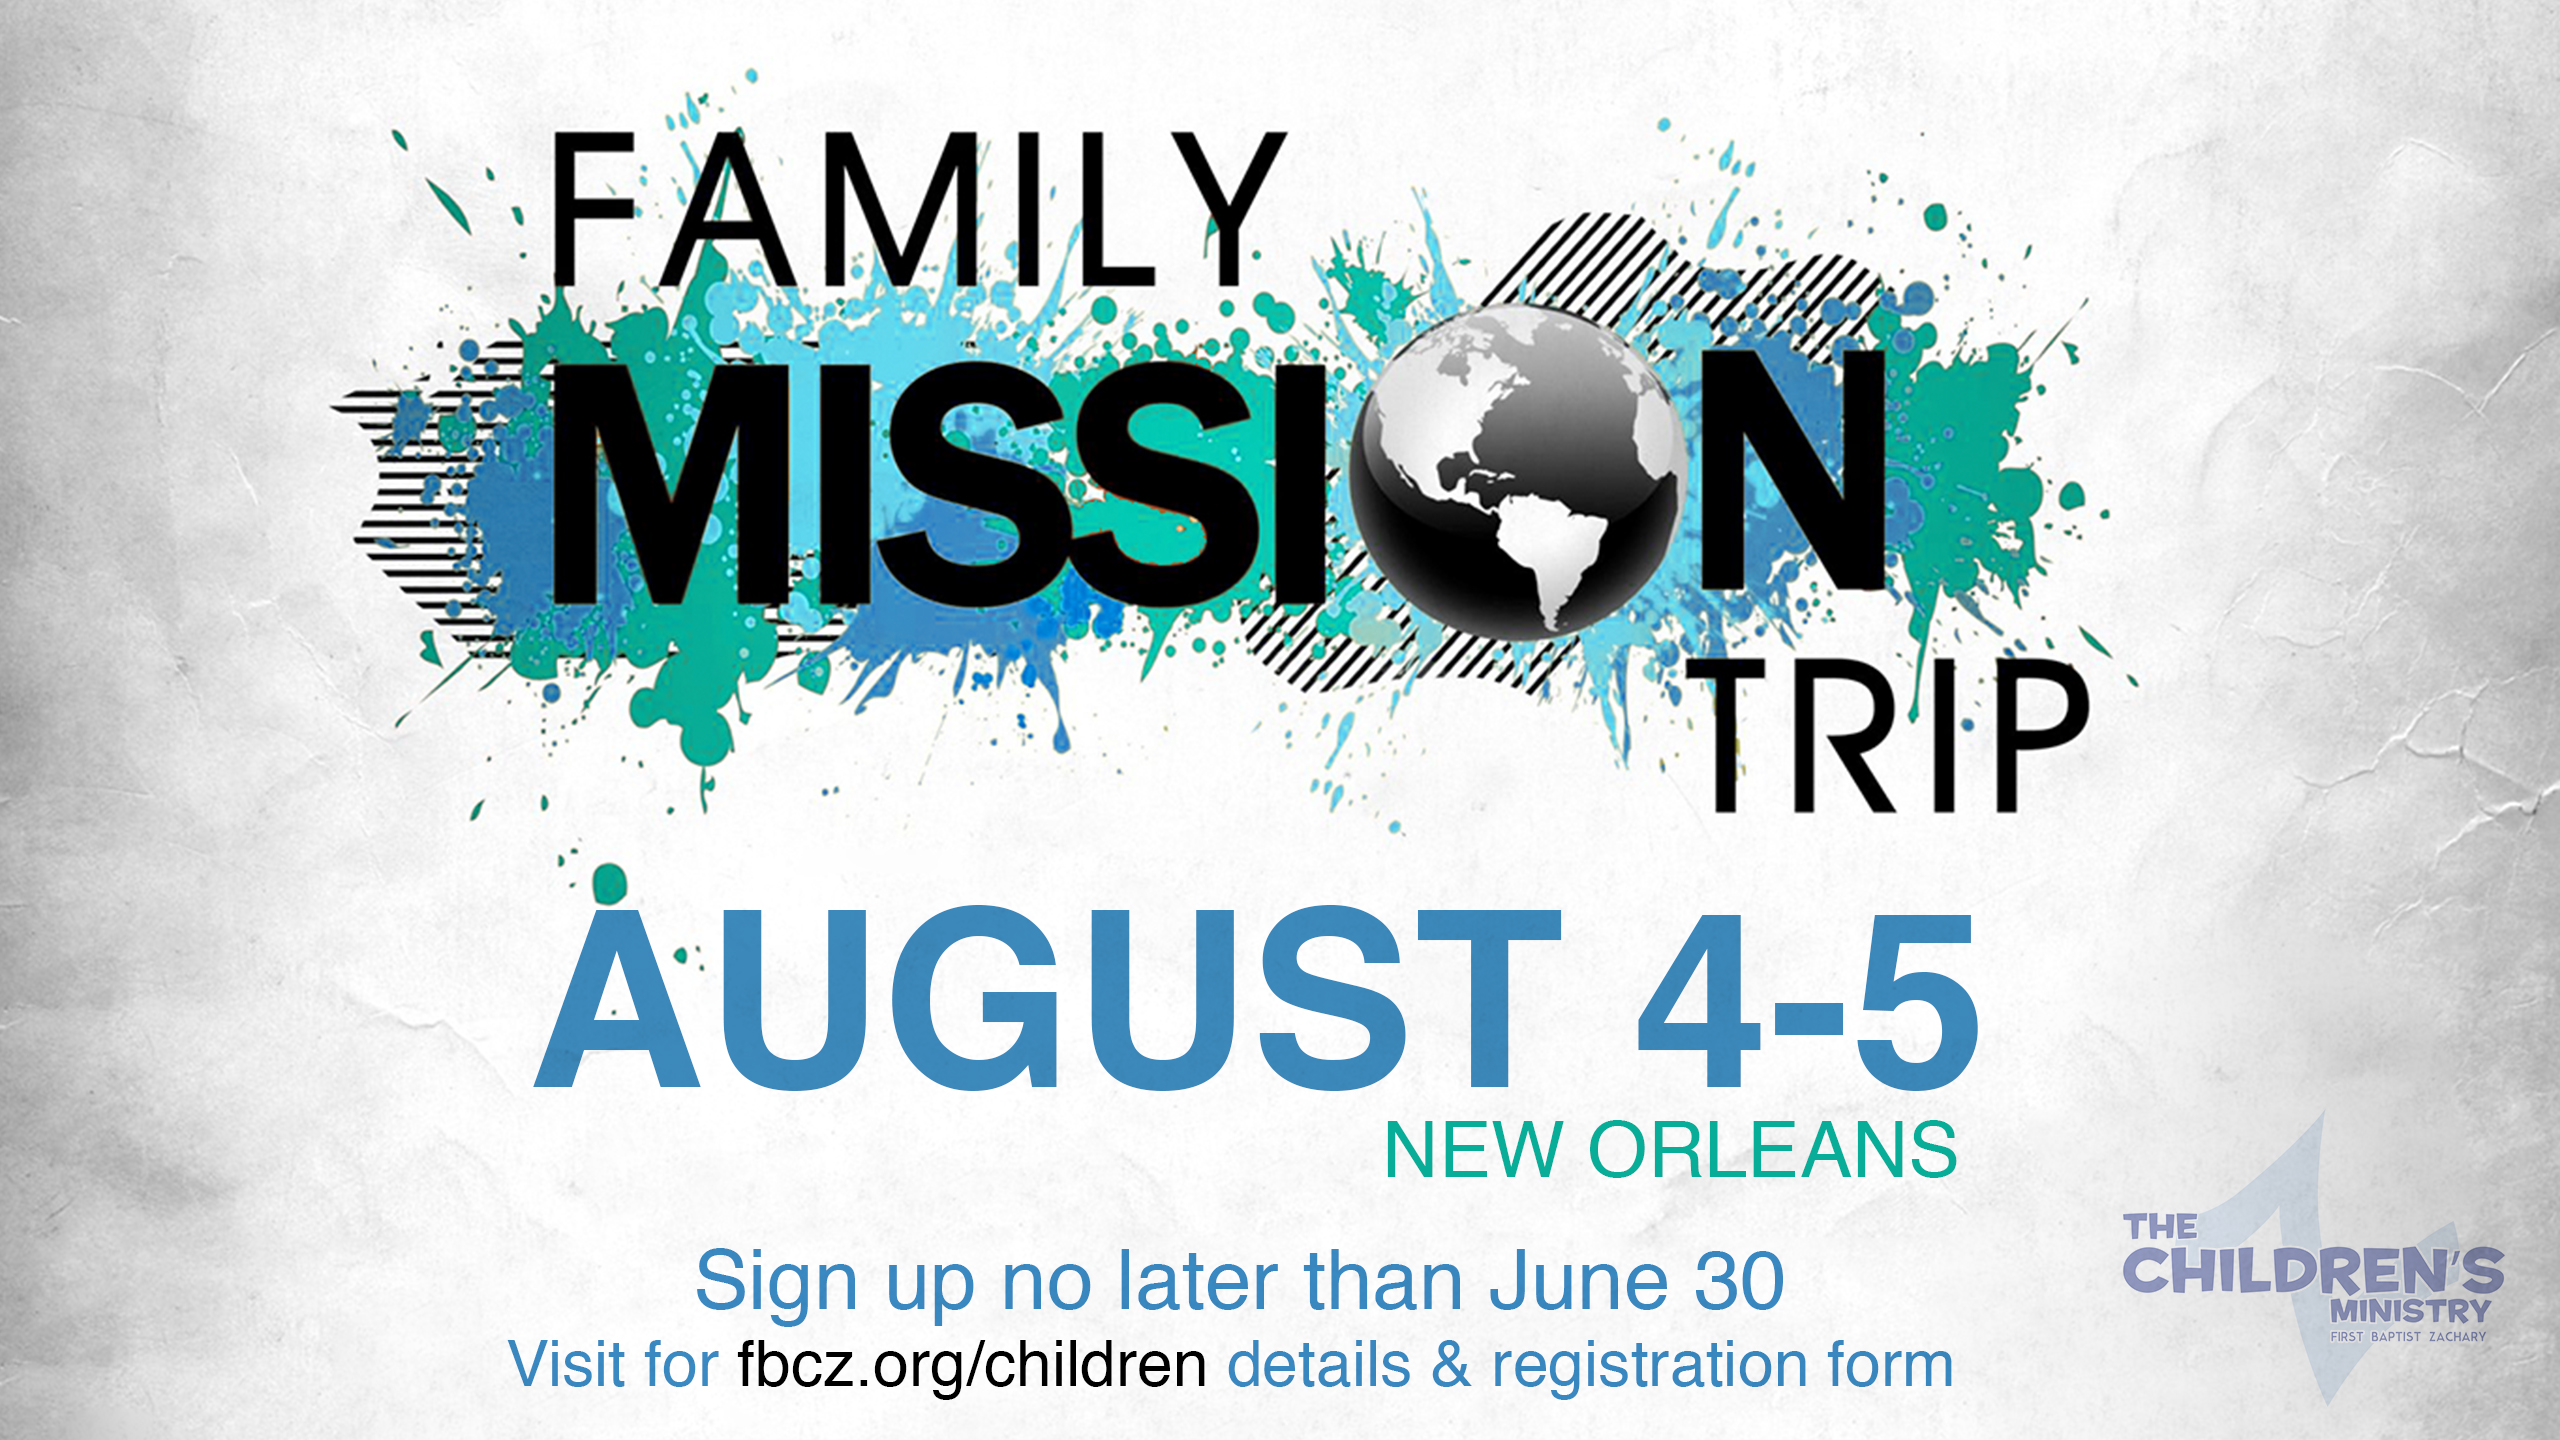 c-FamilyMission-Aug2017